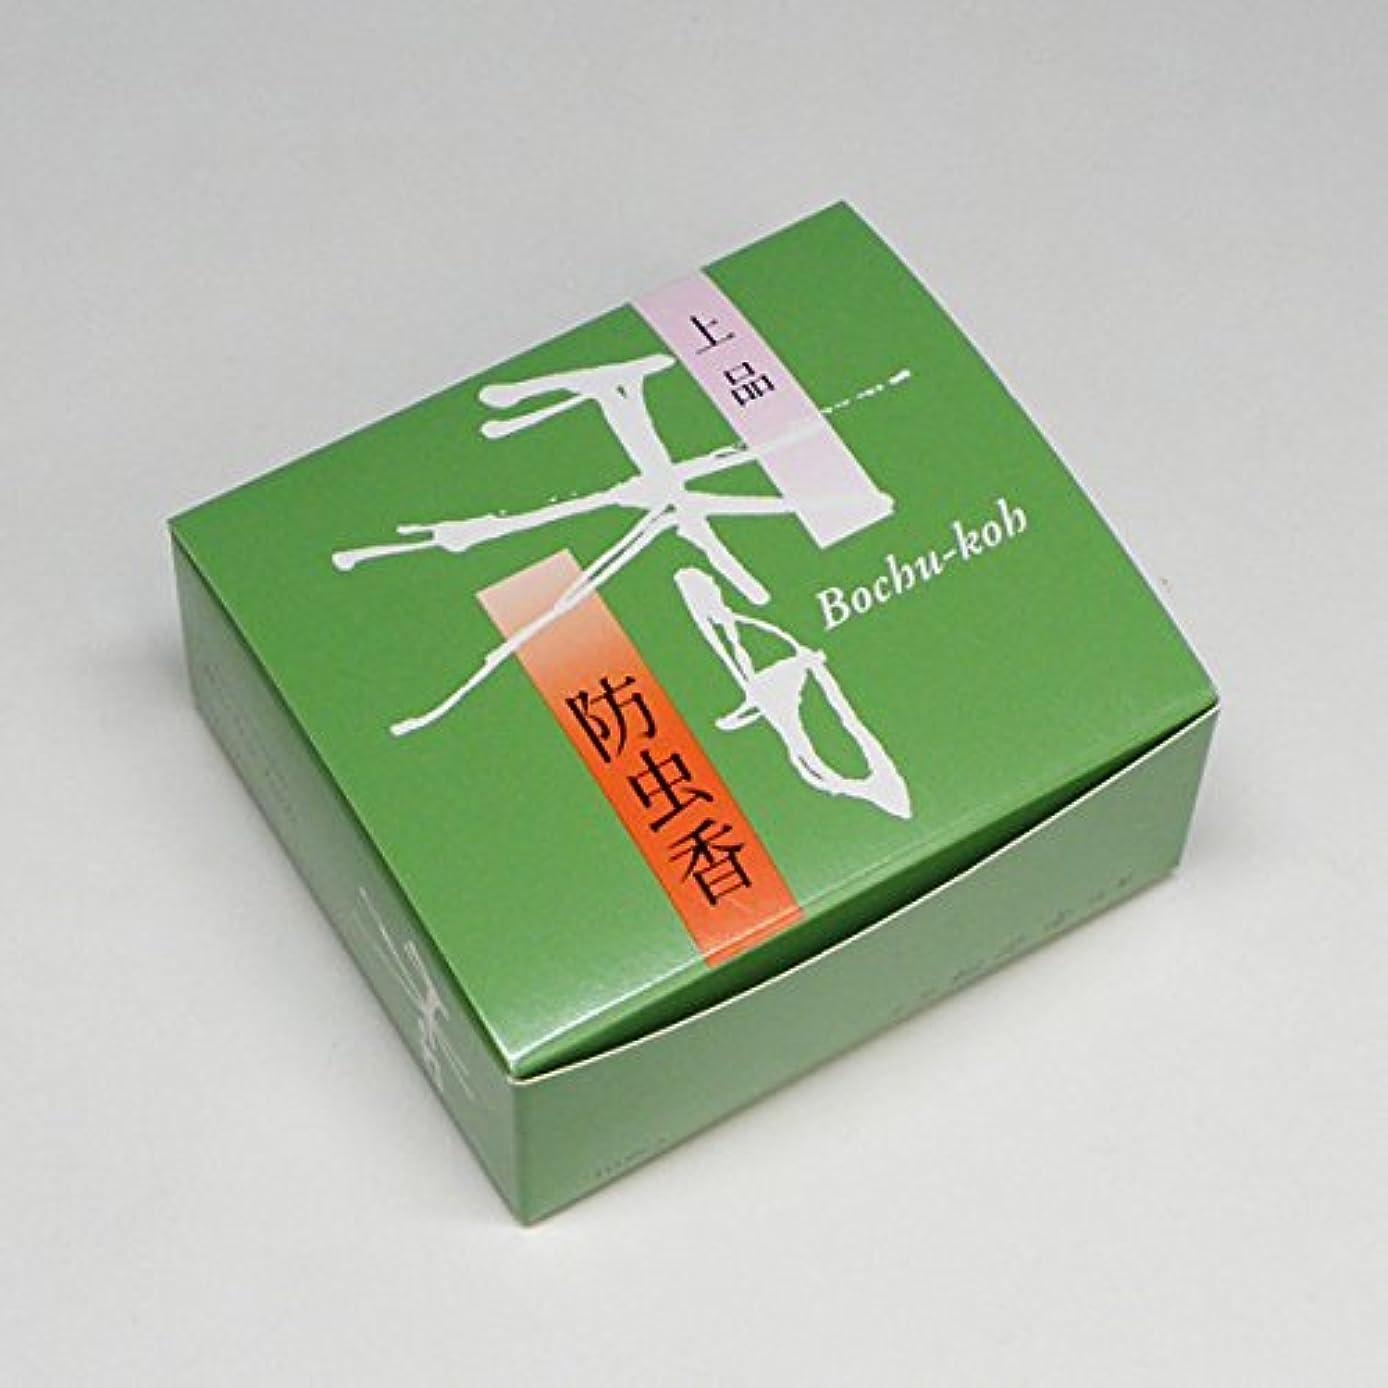 エキサイティング南送った【茶道/香】 松栄堂/防虫香(上品)